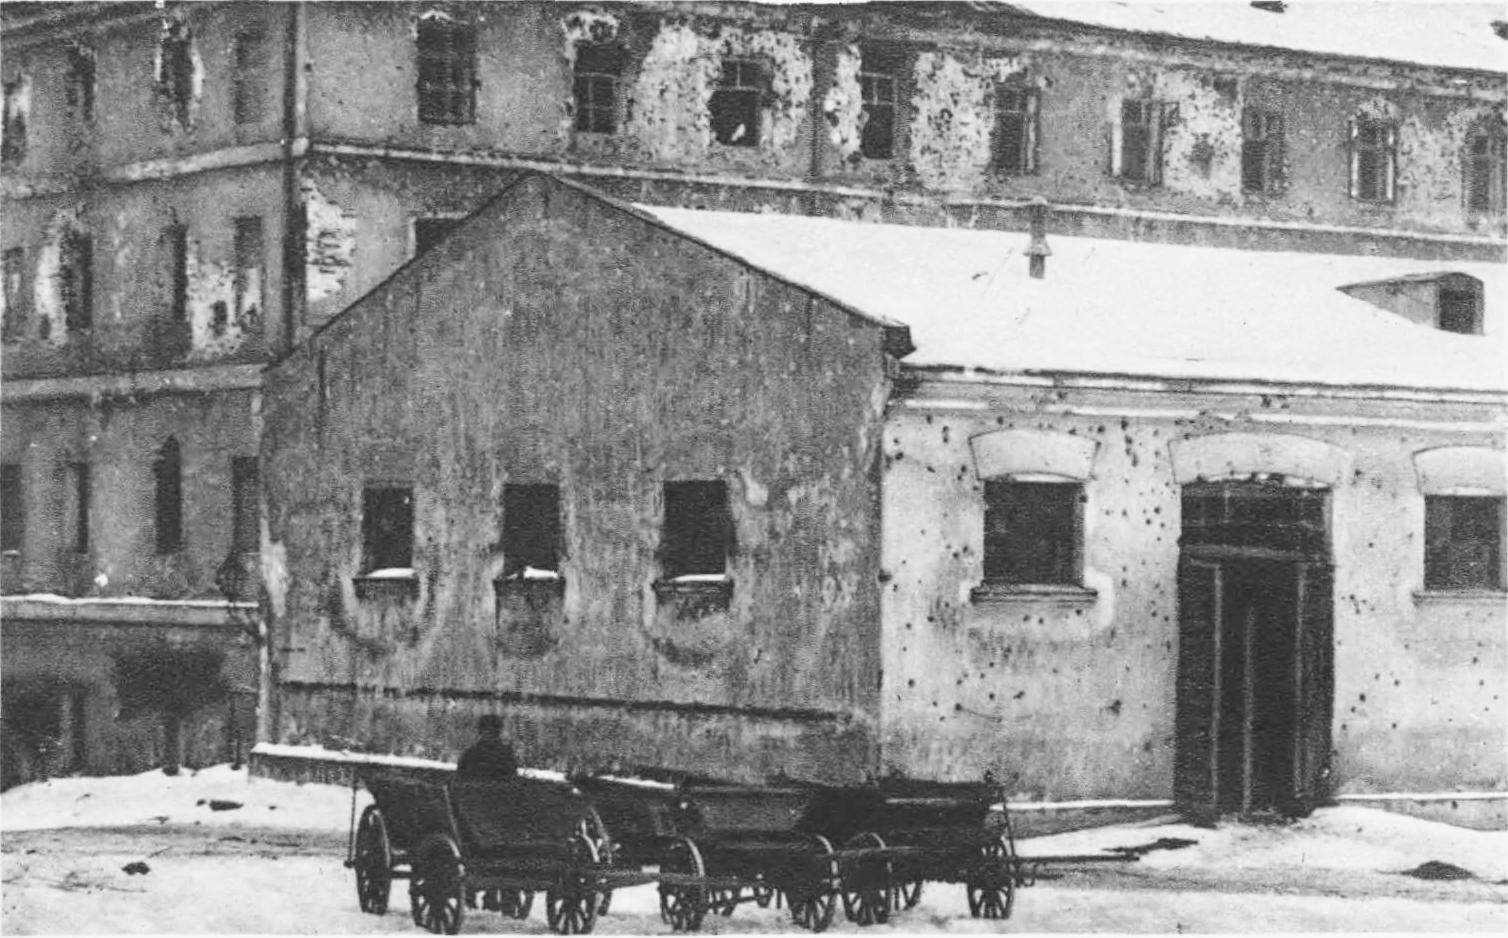 Знищення казарм. Джерело: Semper Fidelis: Obrona Lwowa w obrazach współczesnych, 1930, tabl. 37